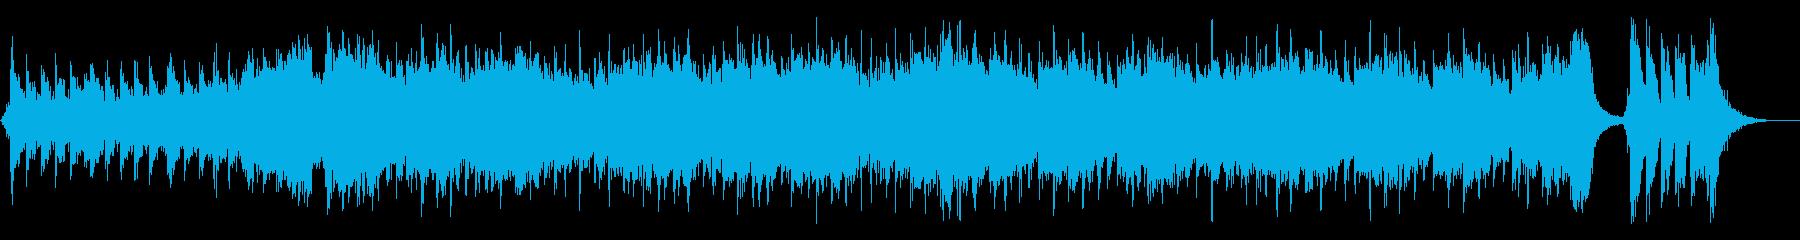 ファンタジー系ゲームの予告動画っぽい曲の再生済みの波形